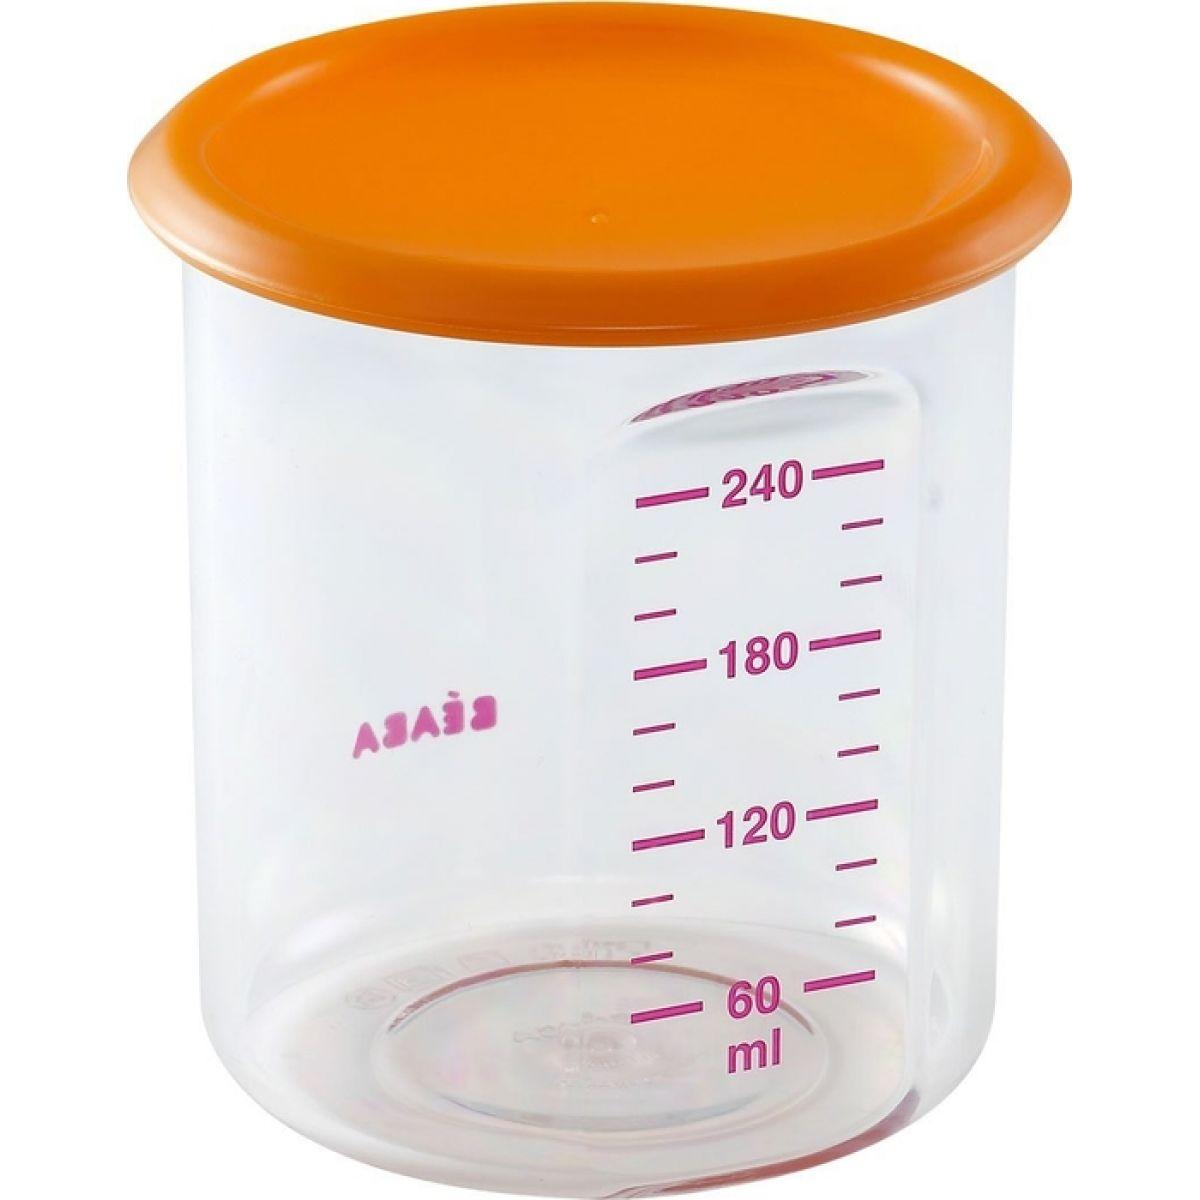 BÉABA Kelímek na jídlo 240ml - Oranžová